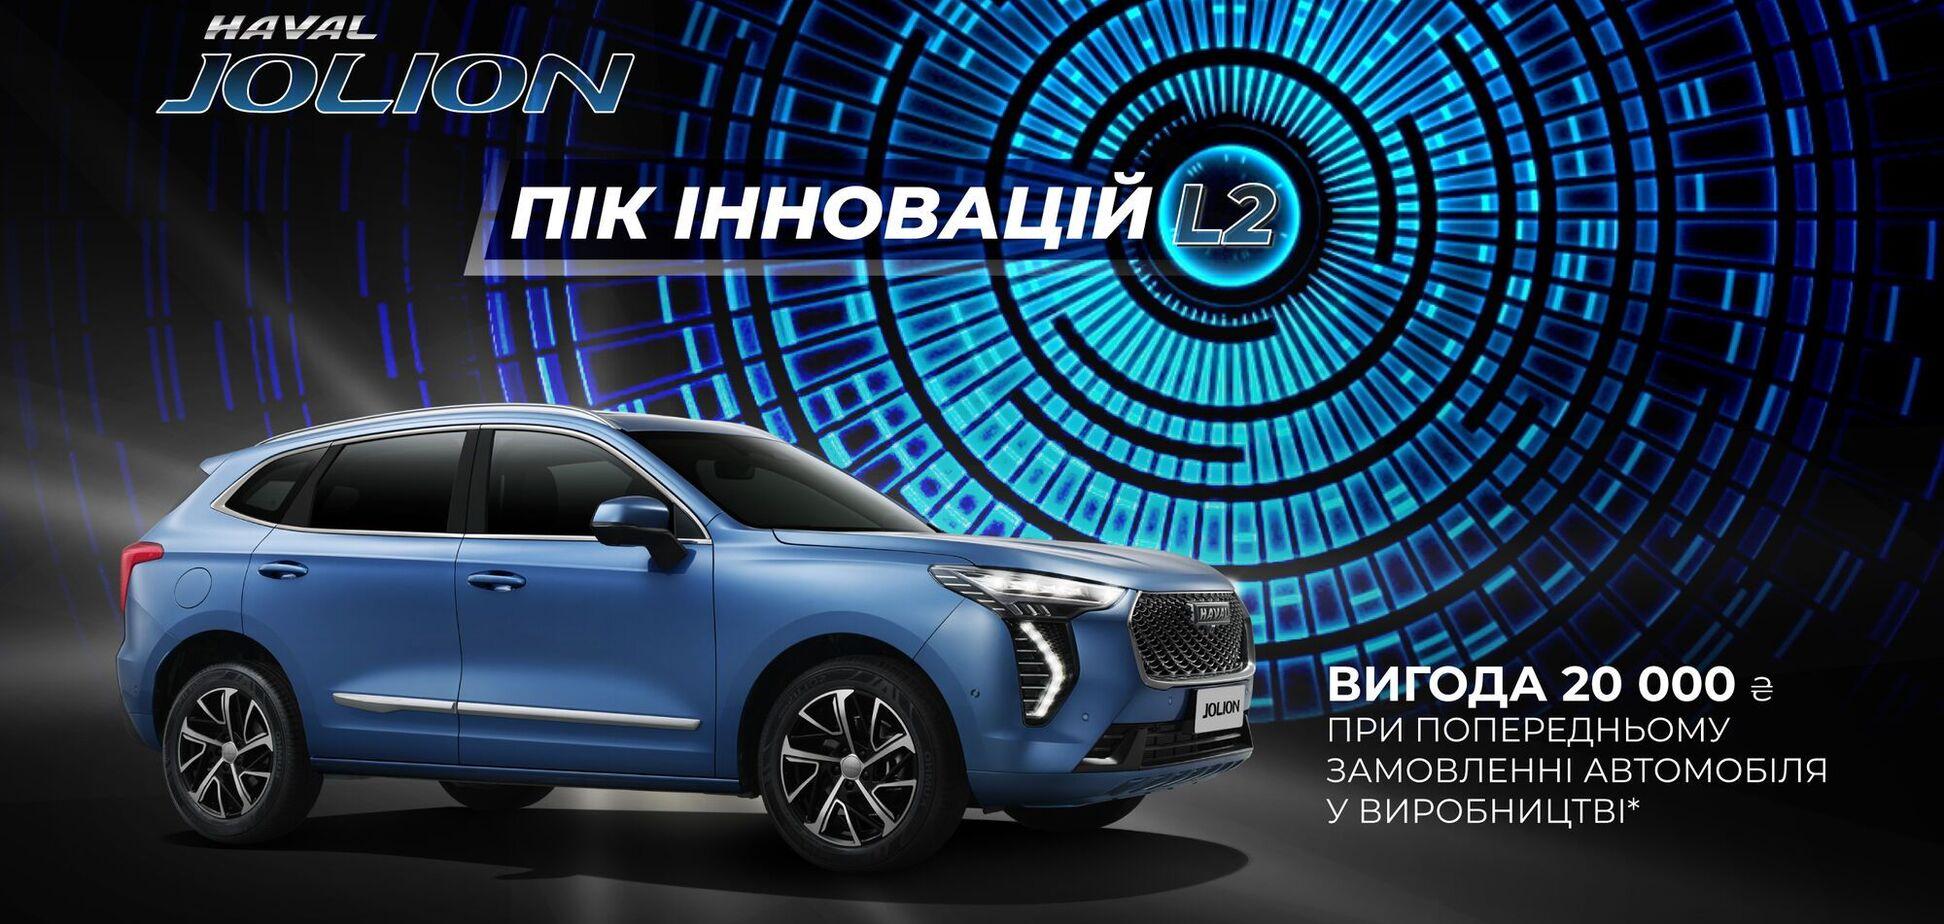 В Україні відкрили передзамовлення на кросовер Haval Jolion з вигодою 20 000 грн